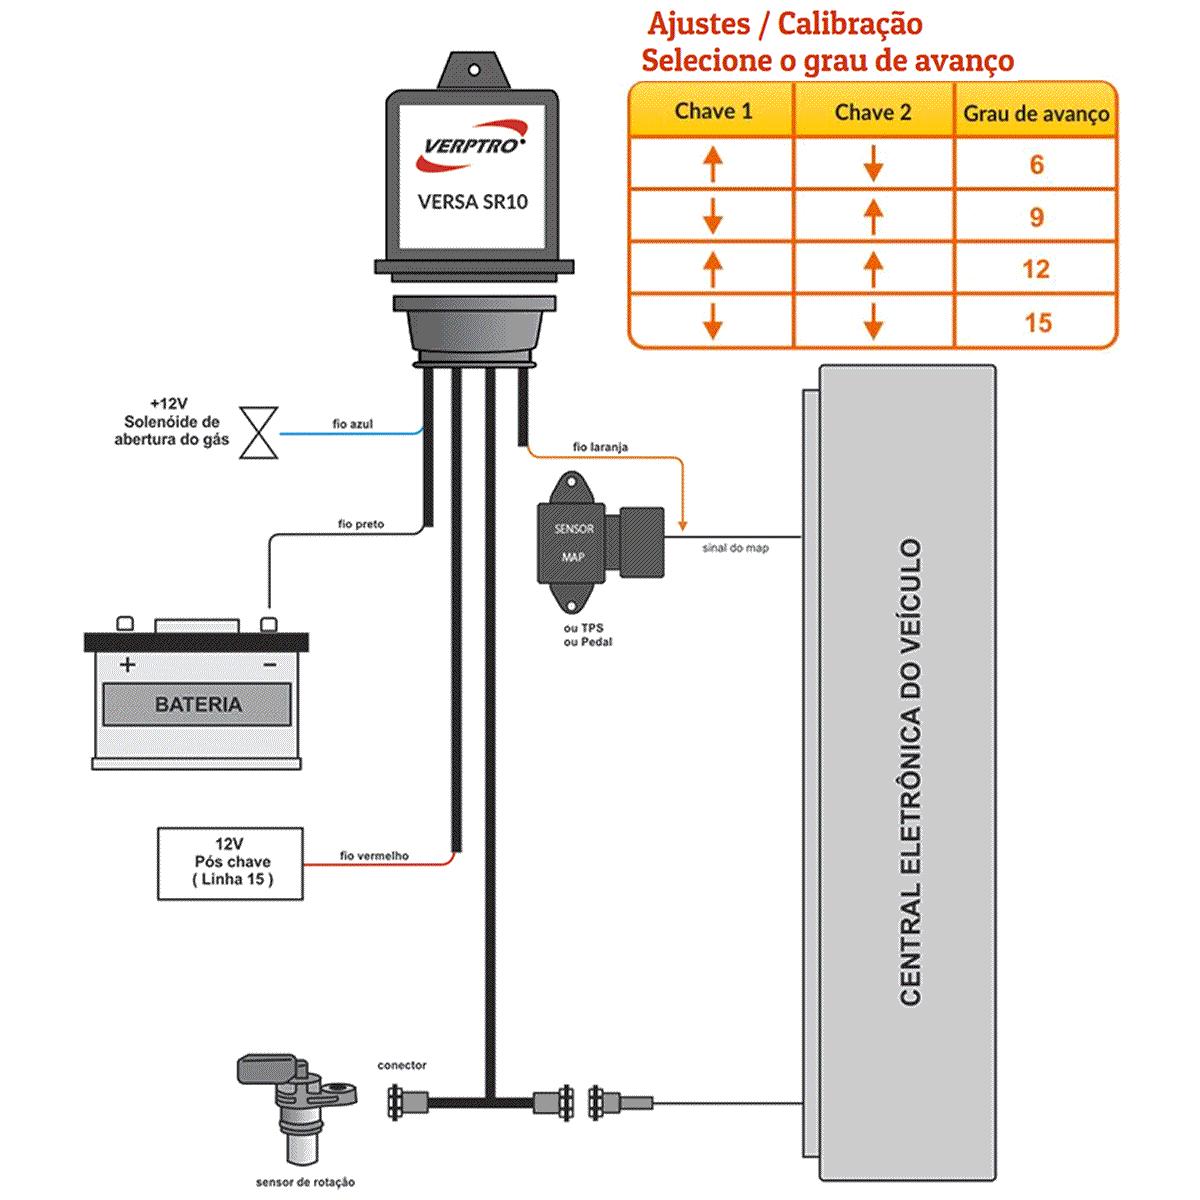 Variador de Avanço Roda Fônica Versa SR10 cabo C VERPTRO (T30)